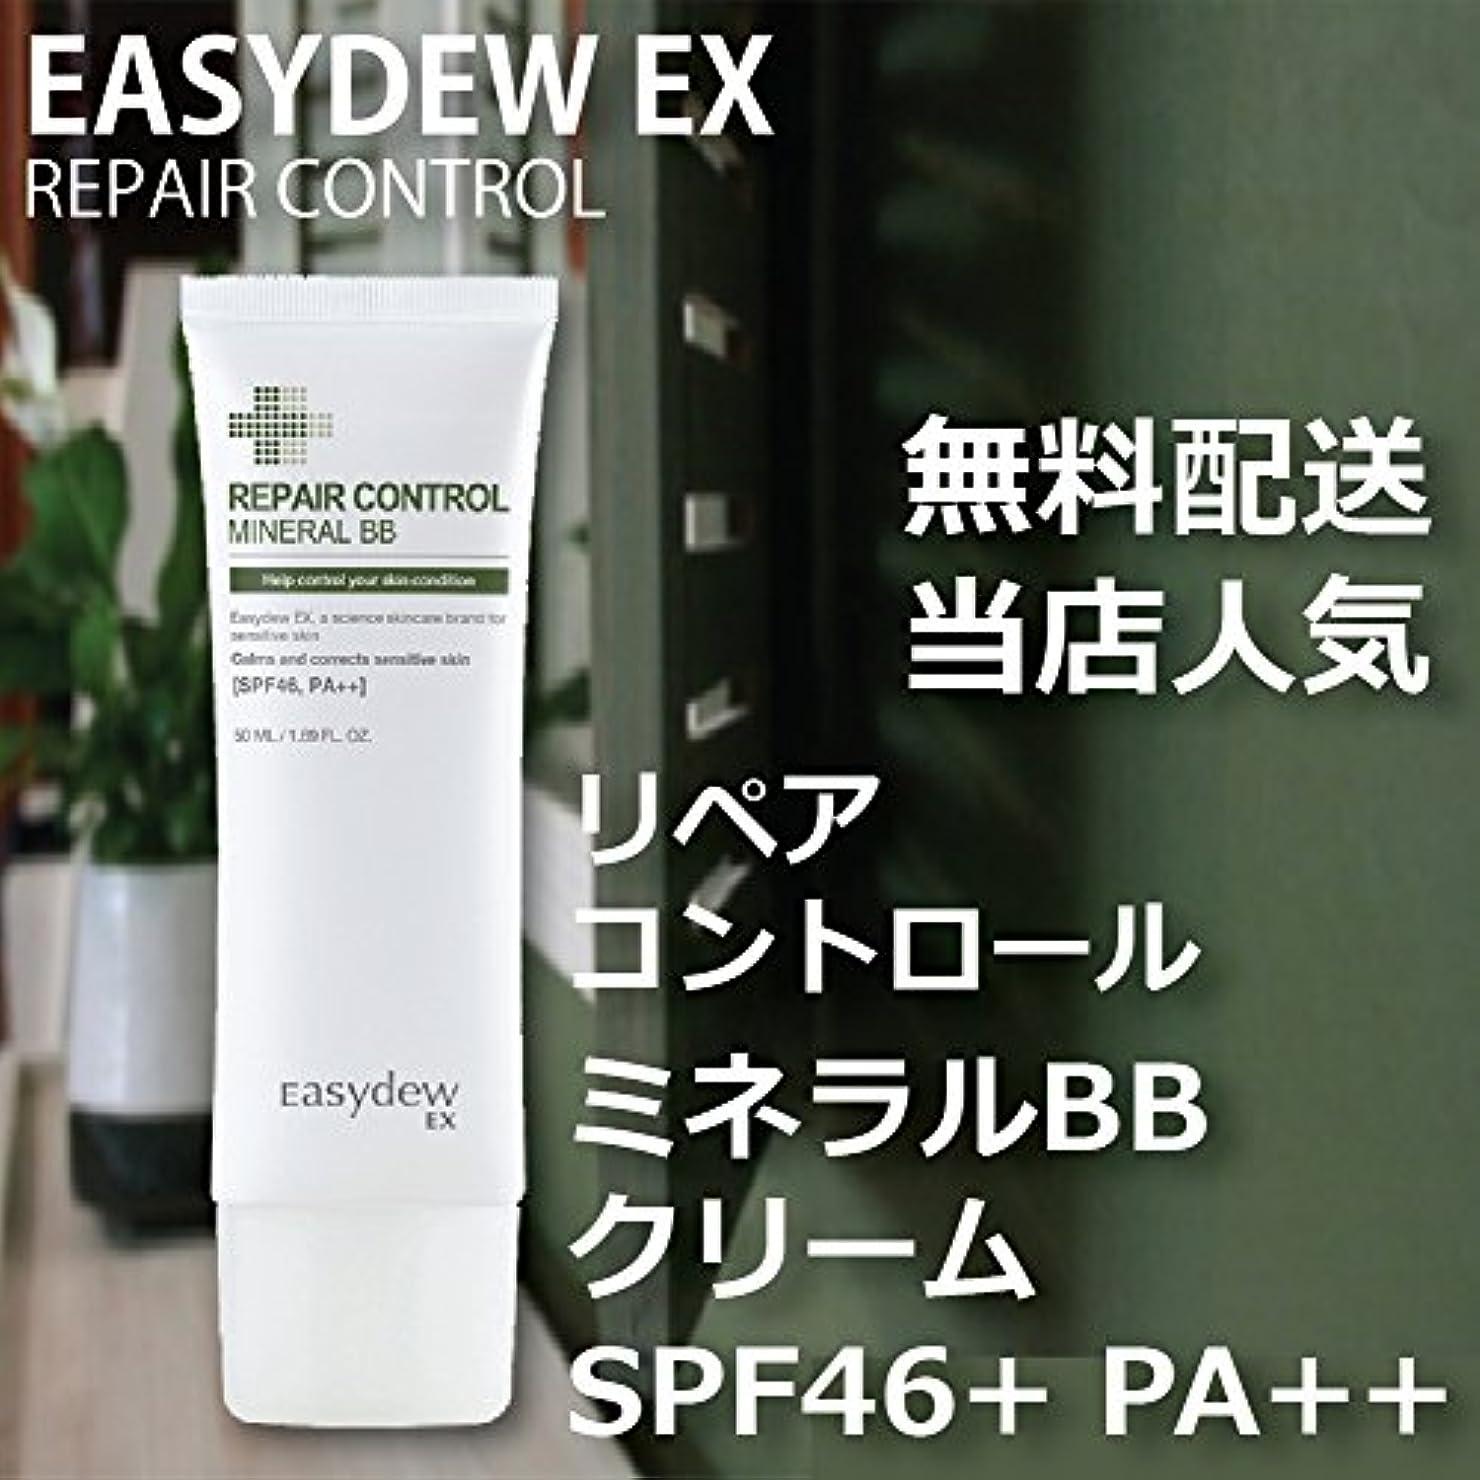 一流わがまま変化EASY DEW EX ミネラル BBクリーム SPF46+ PA++ 50ml MINRAL BB CREAM 韓国 人気 コスメ イージーデュー 敏感 乾燥 美白 しわ 3重機能性